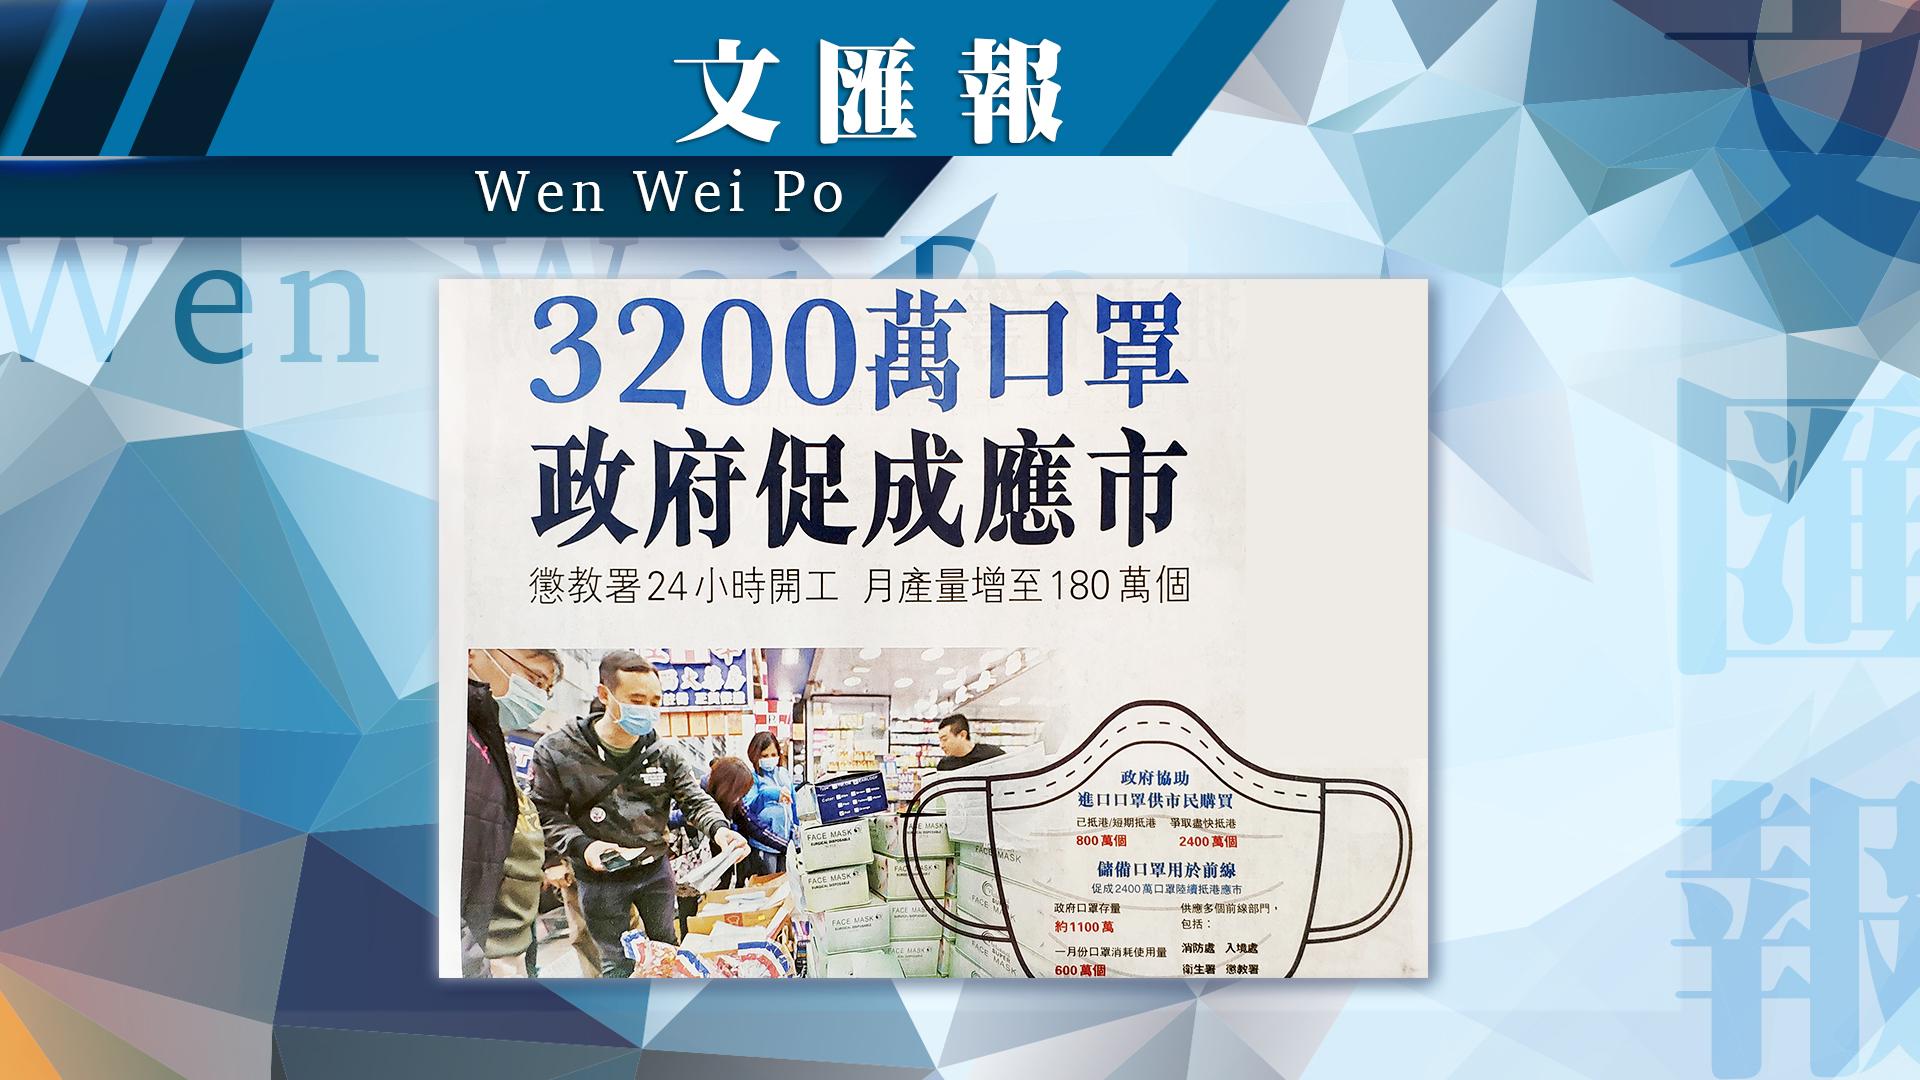 【報章A1速覽】武漢夫婦女兒染疫 昨增兩宗;3200萬口罩火速到港戰疫